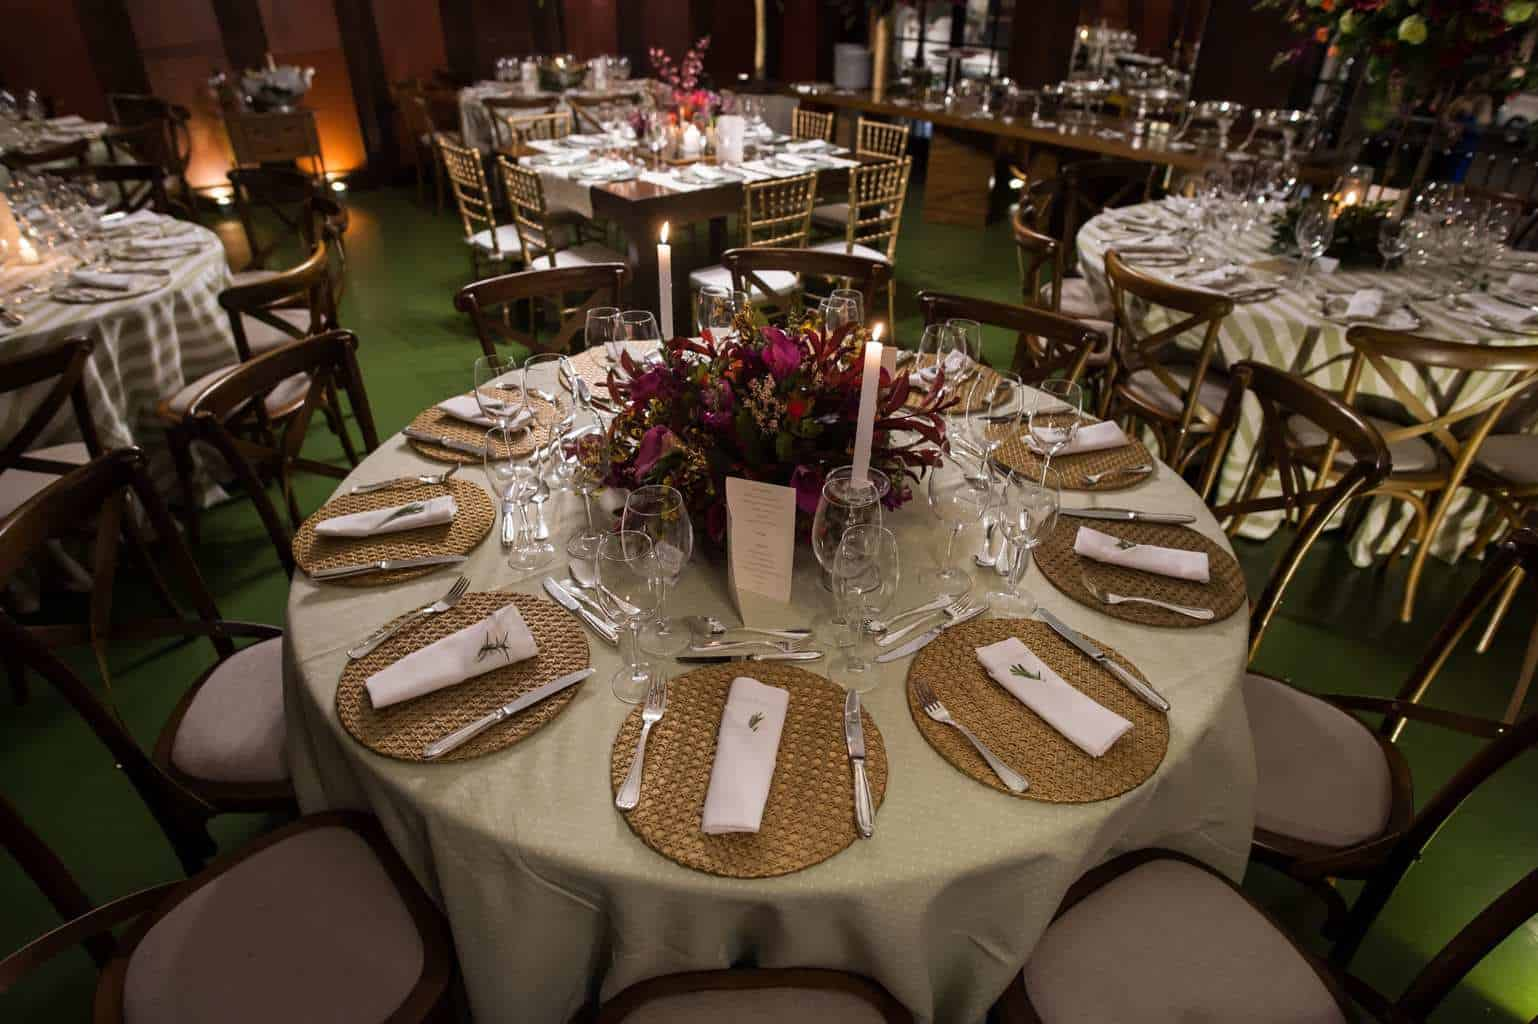 casamento-fernanda-e-leandro-casamento-sp-Fotografia-Produtora-7-casamento-clássico-casamento-tradicional-wedding-50